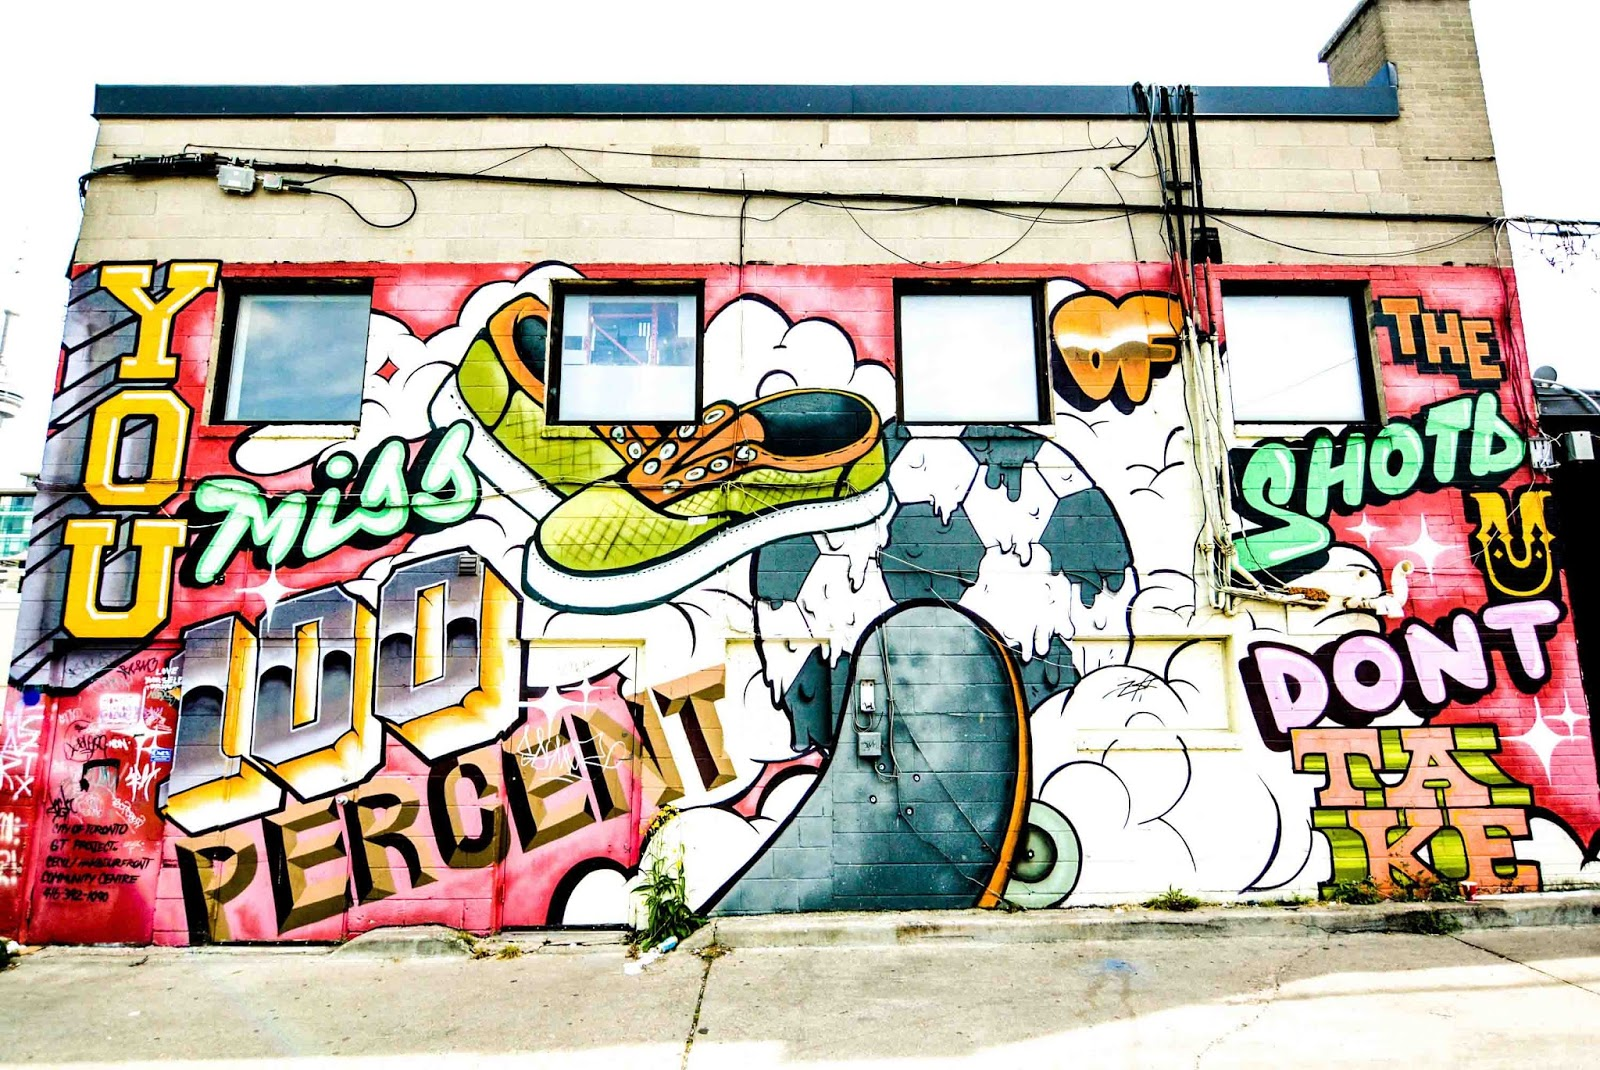 Theresa S Mixed Nuts Artistic Treasure Graffiti Alley